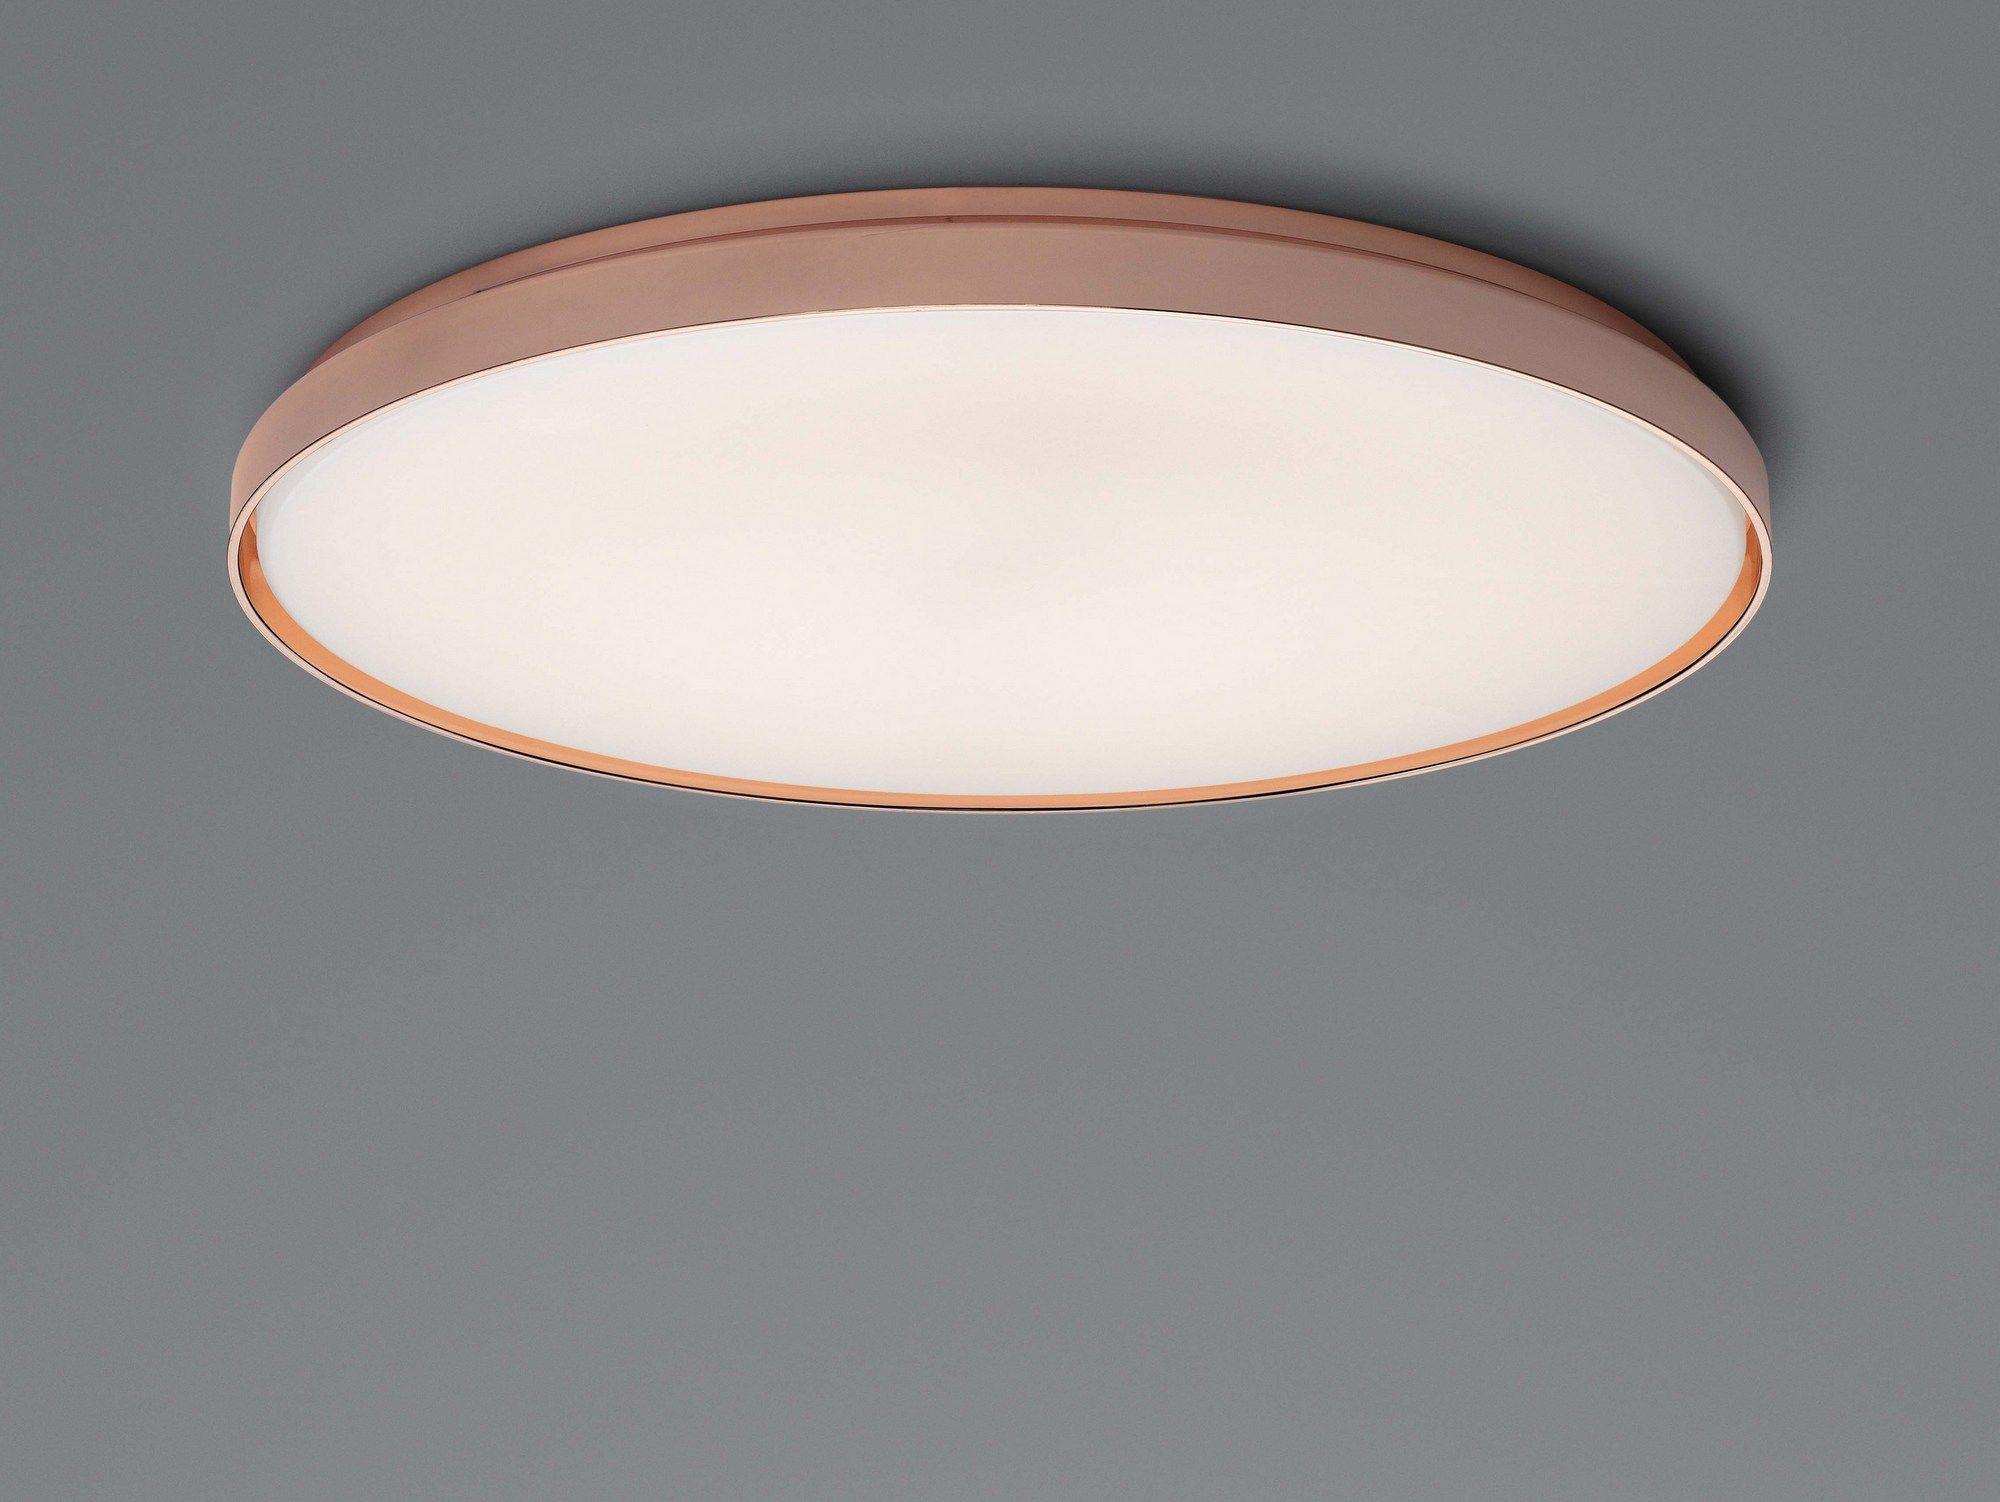 Flos Plafoniere : Clara lámpara de techo led deco